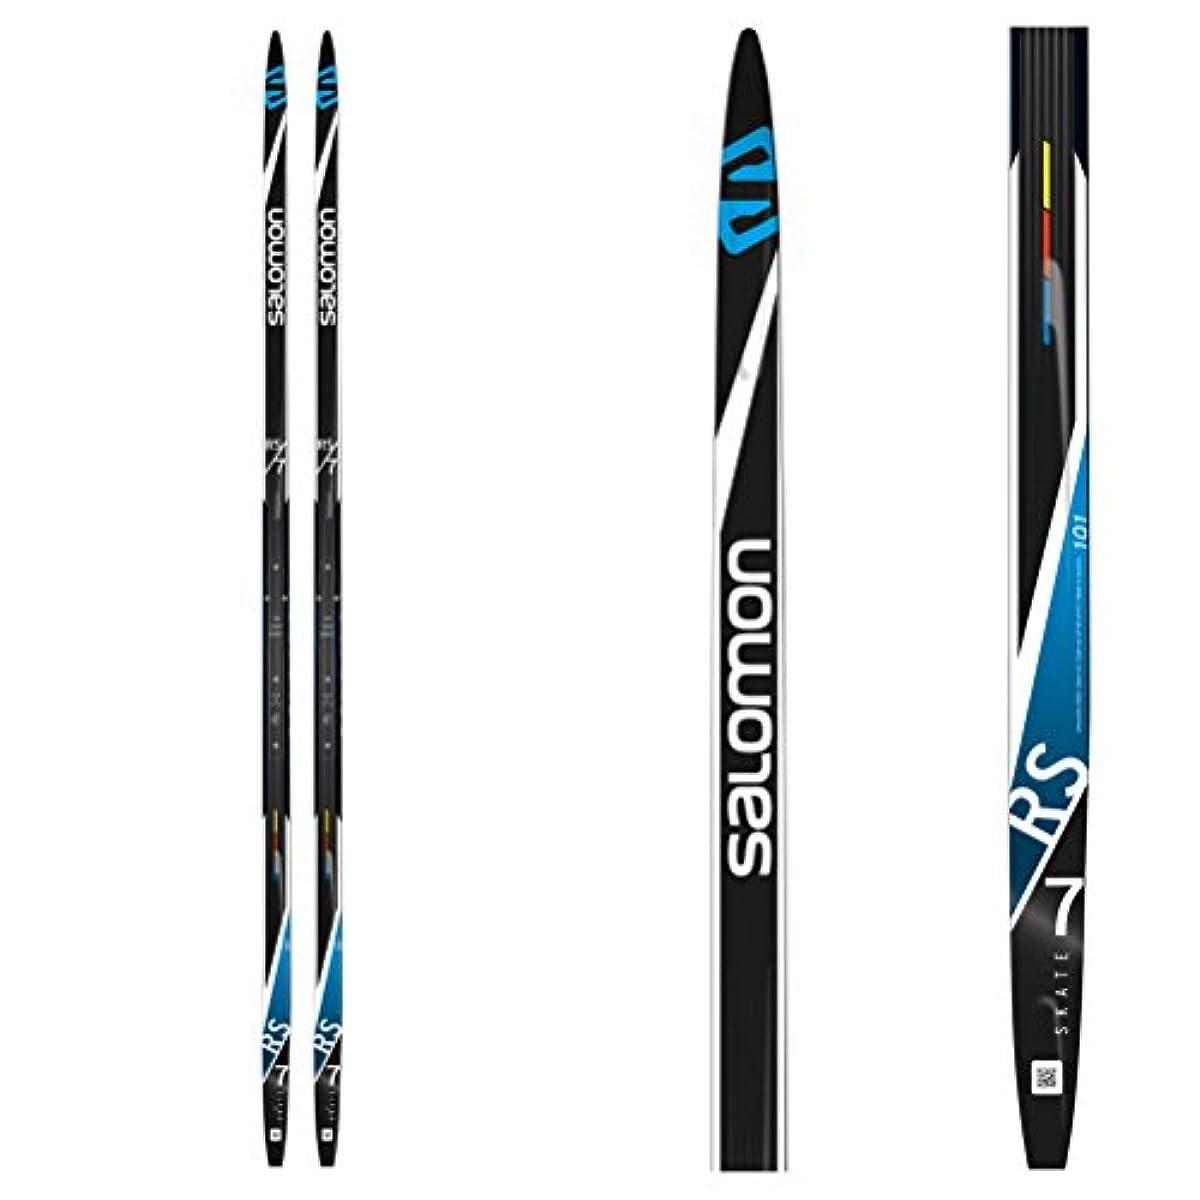 [해외] 살로몬 RS 7 크로스ROSS 포함 컨트리 스키